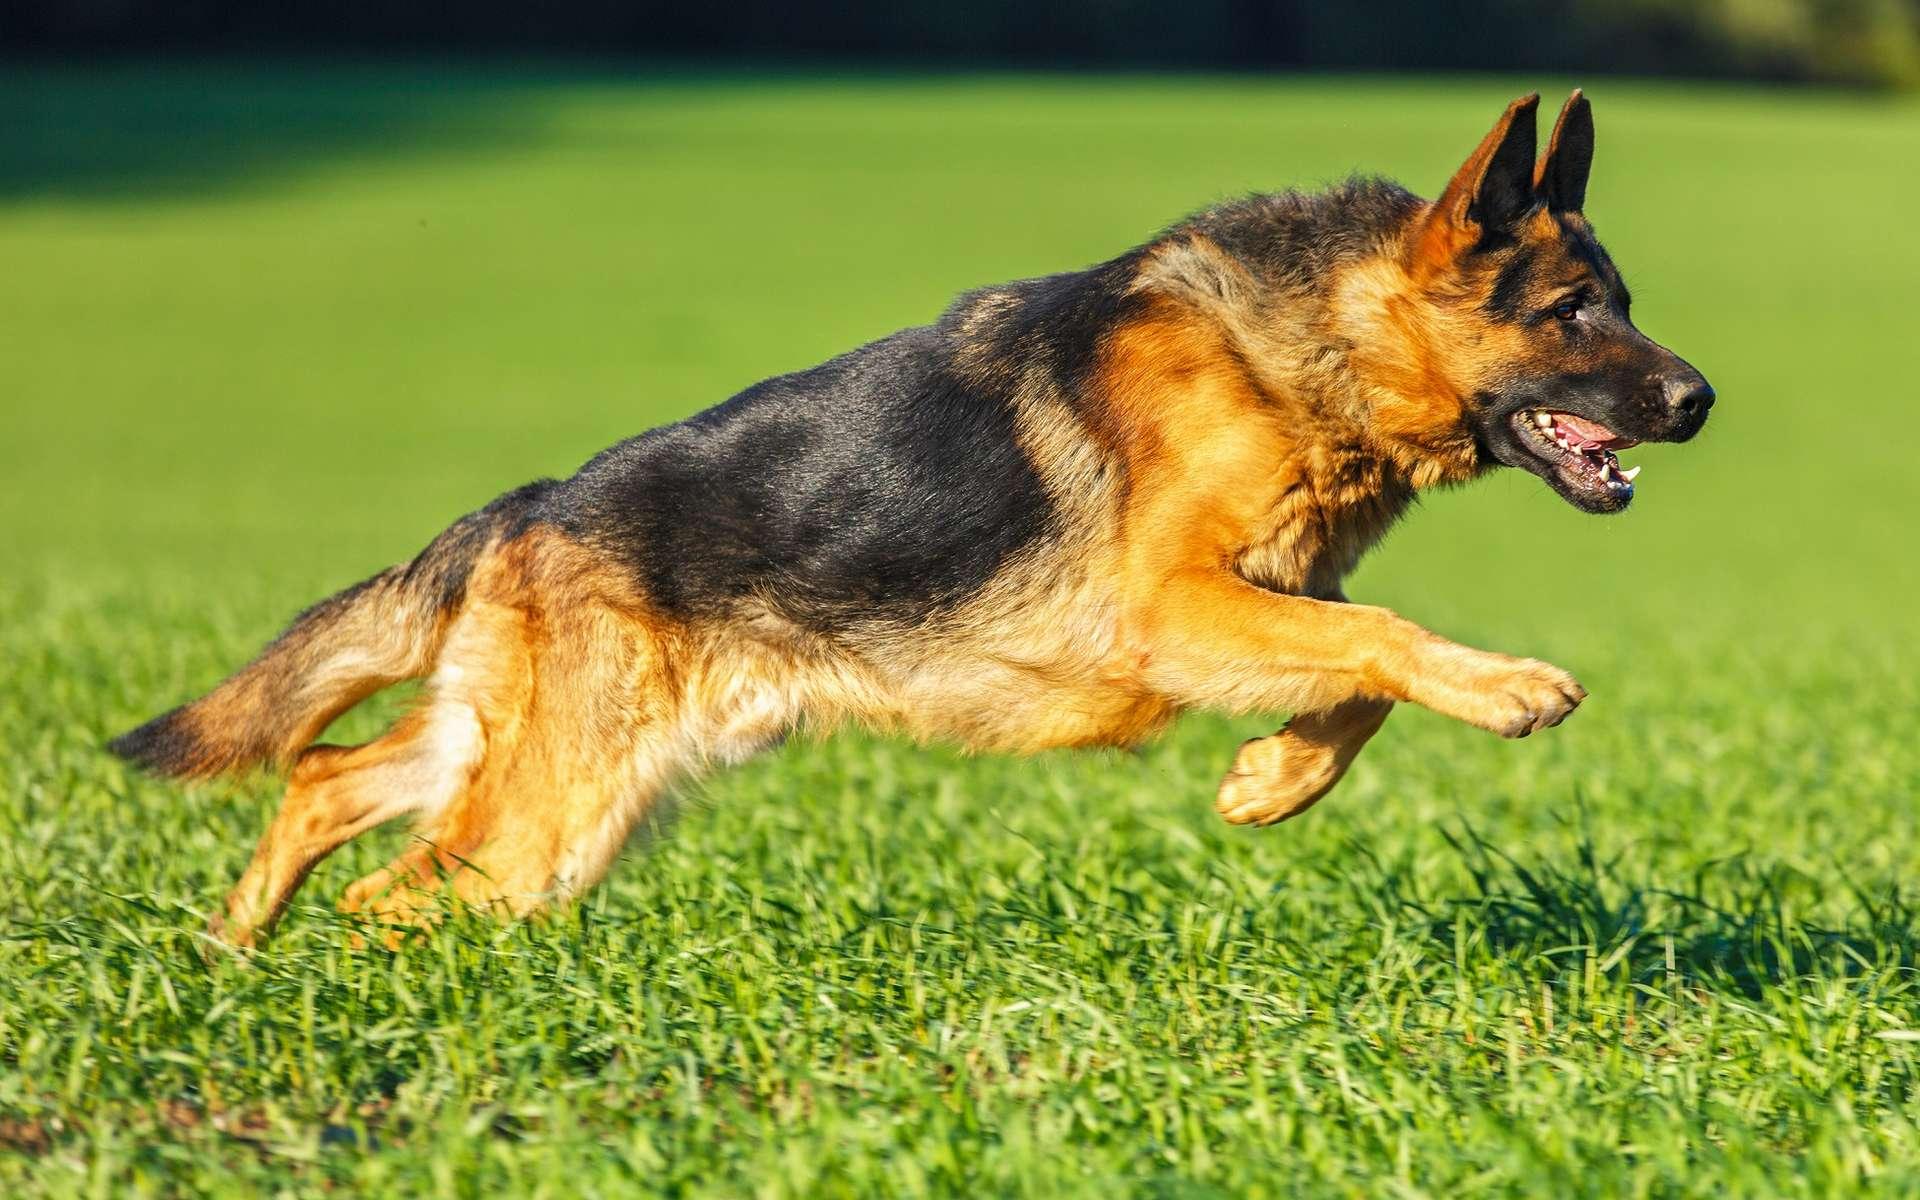 Le berger allemand est un chien qui a besoin d'espace pour se dépenser. © AsyaPozniak, Shutterstock